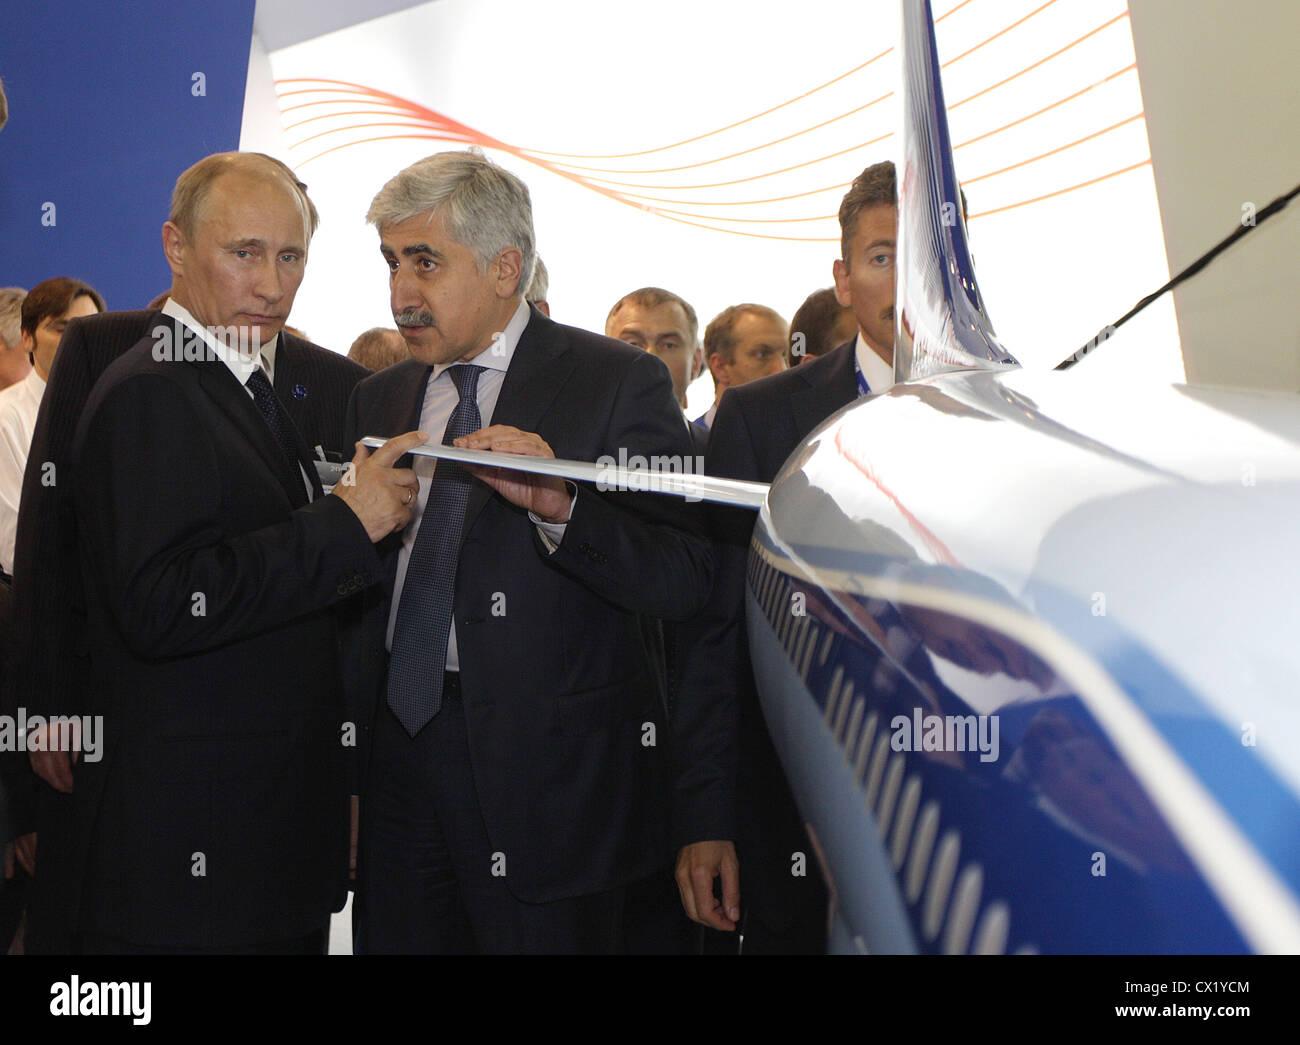 L'agence ITAR-TASS: PARIS, FRANCE. Le 21 juin 2011. Le premier ministre russe Vladimir Poutine, à gauche, et Mikhail Banque D'Images